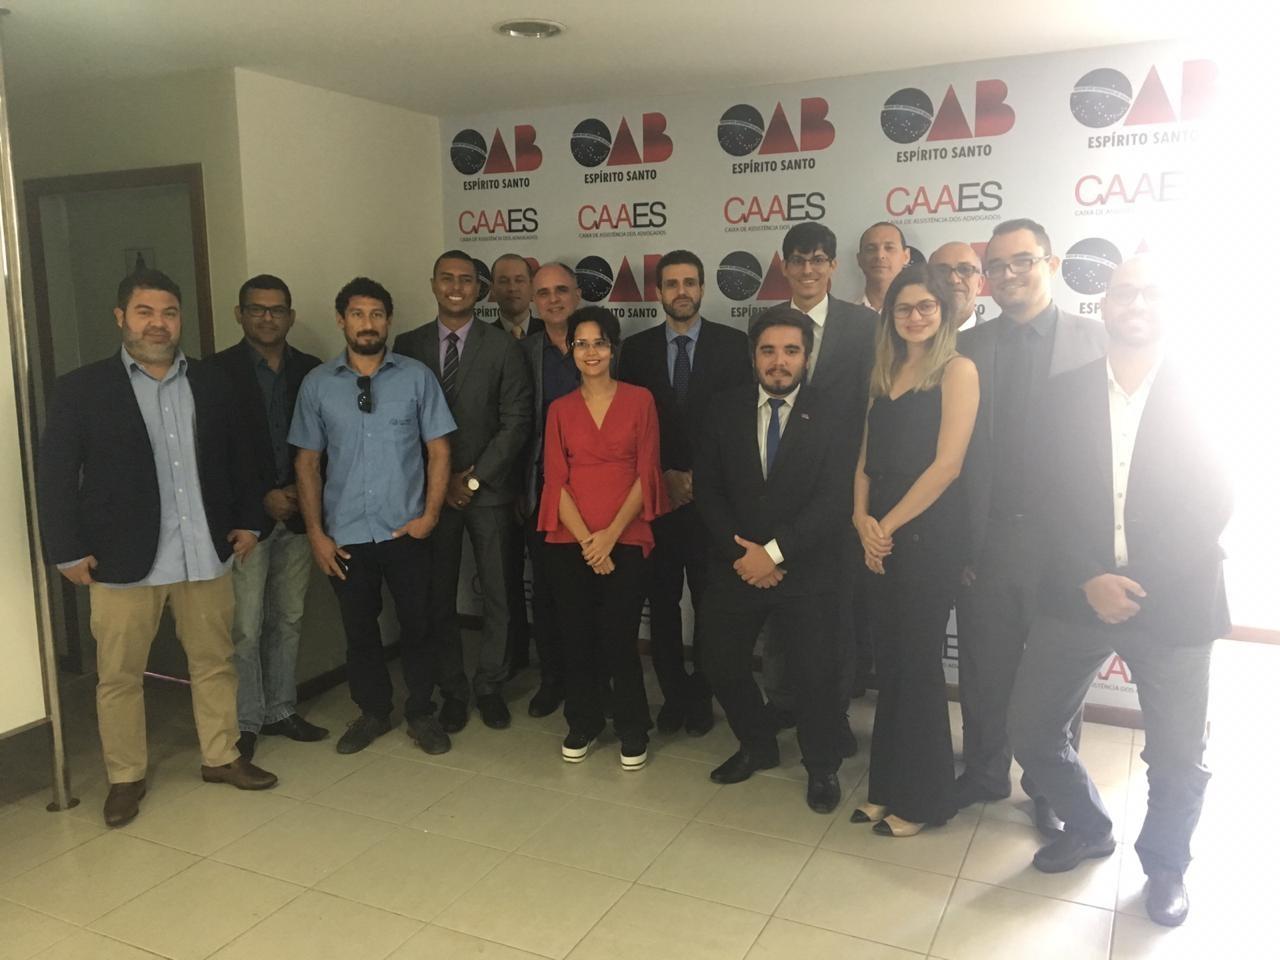 Chiabai participa da palestra sobre Integração no Transporte Público na Região Metropolitana na OAB-ES.